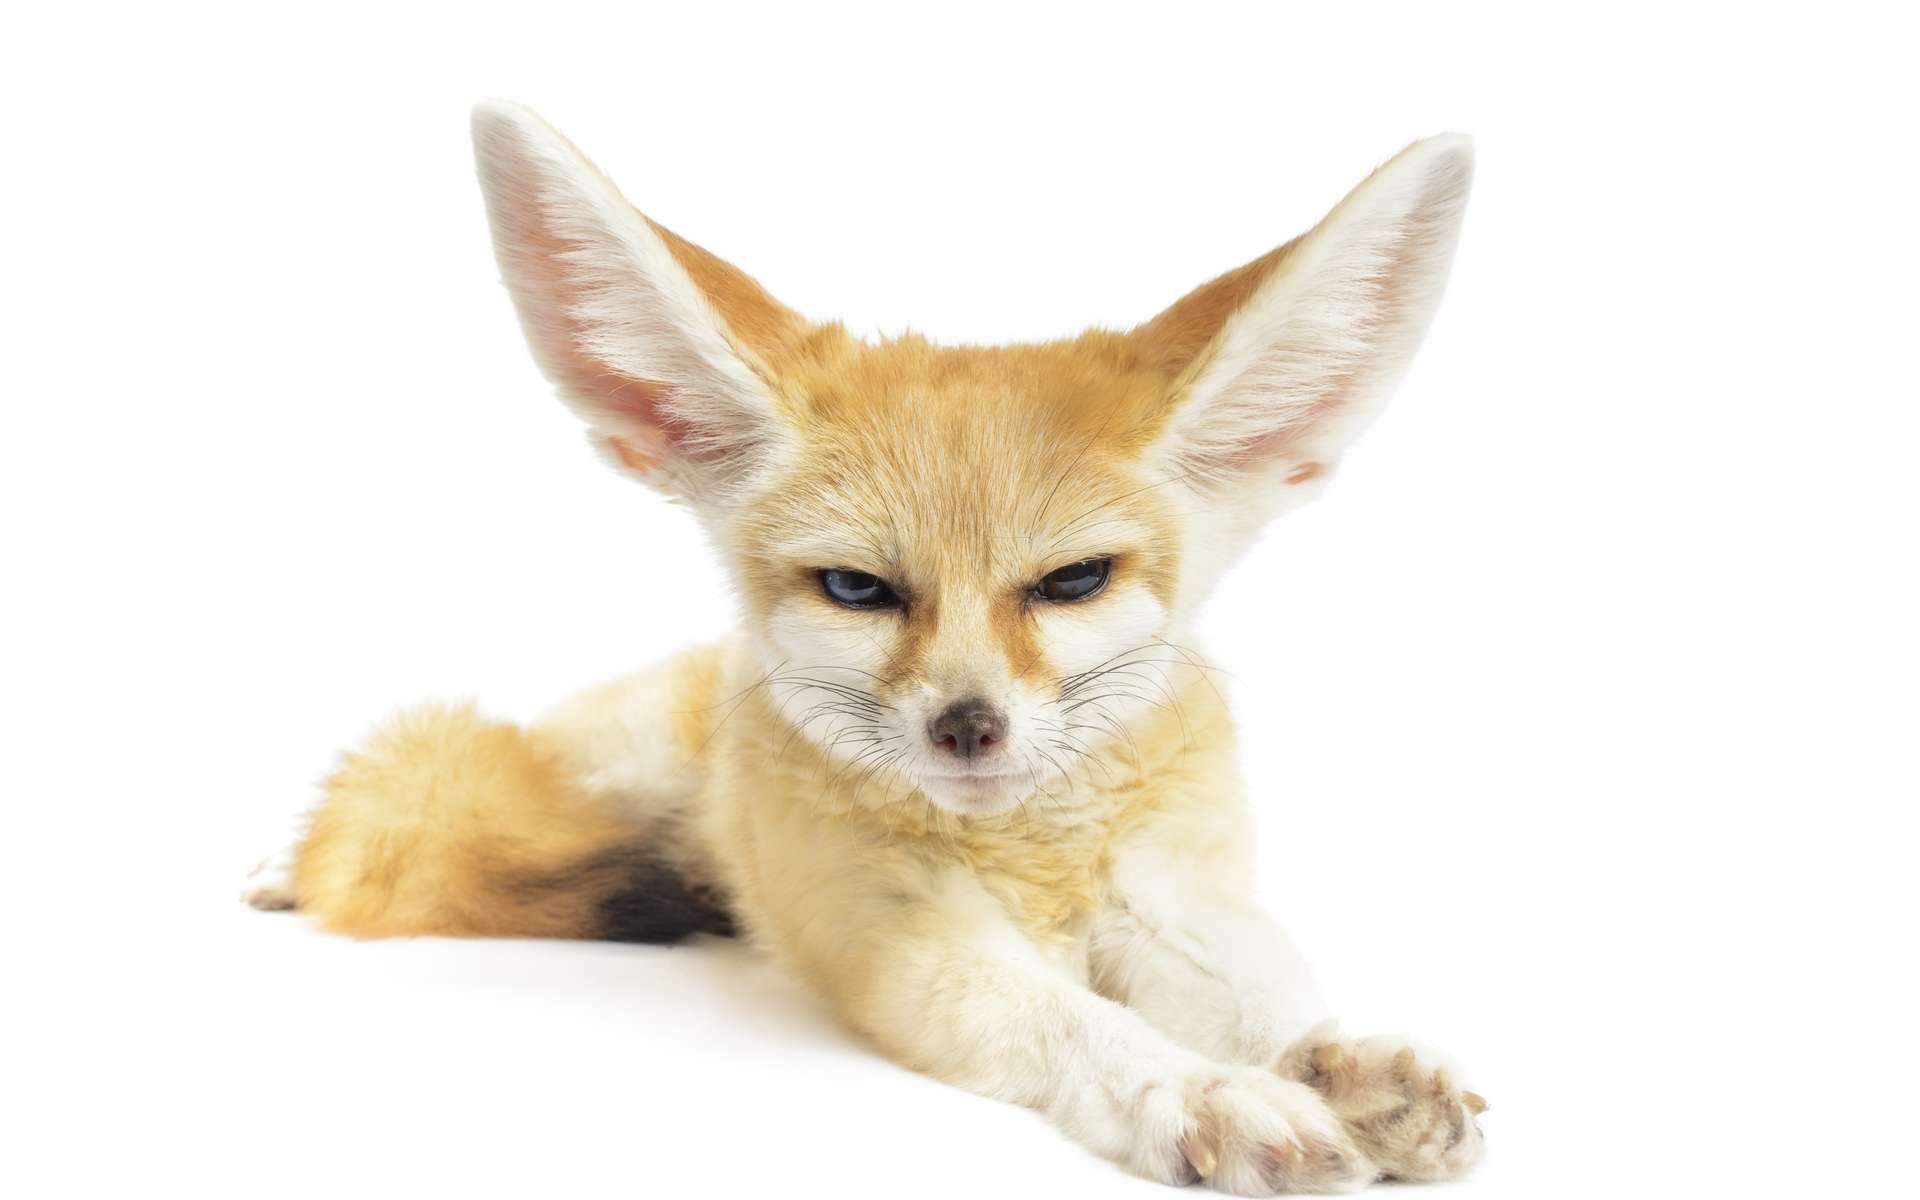 Les grands oreilles du fennec lui permettent de dissiper efficacement la chaleur. © Eastman Arts, Adobe Stock